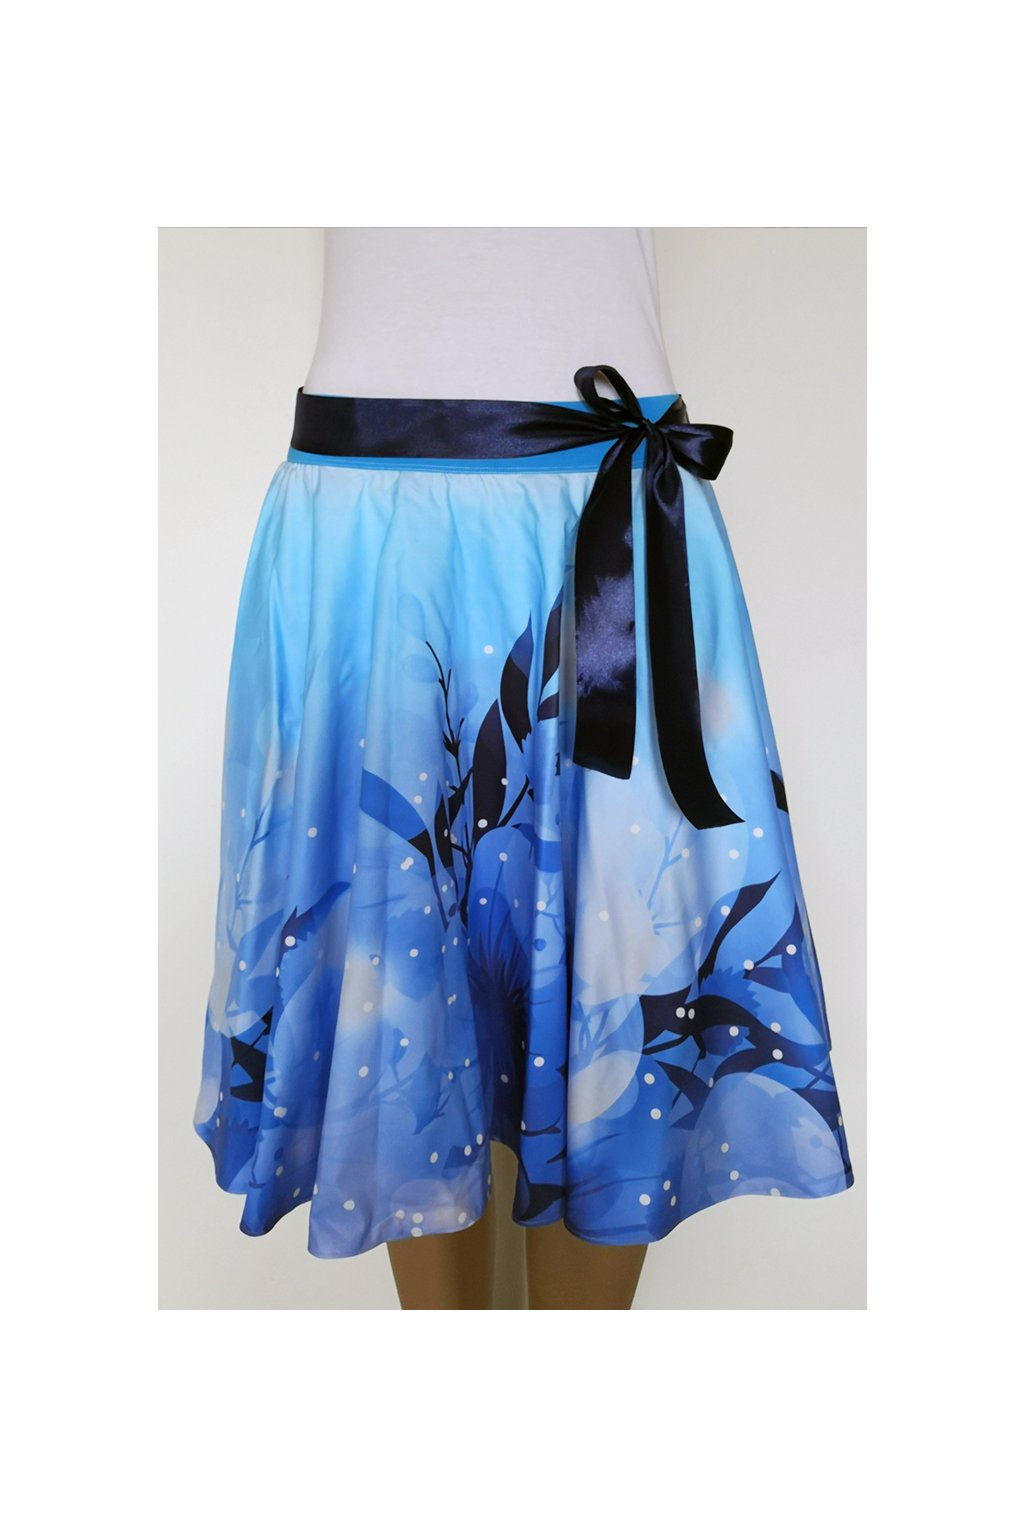 Modré květy | kolová sukně | plátno